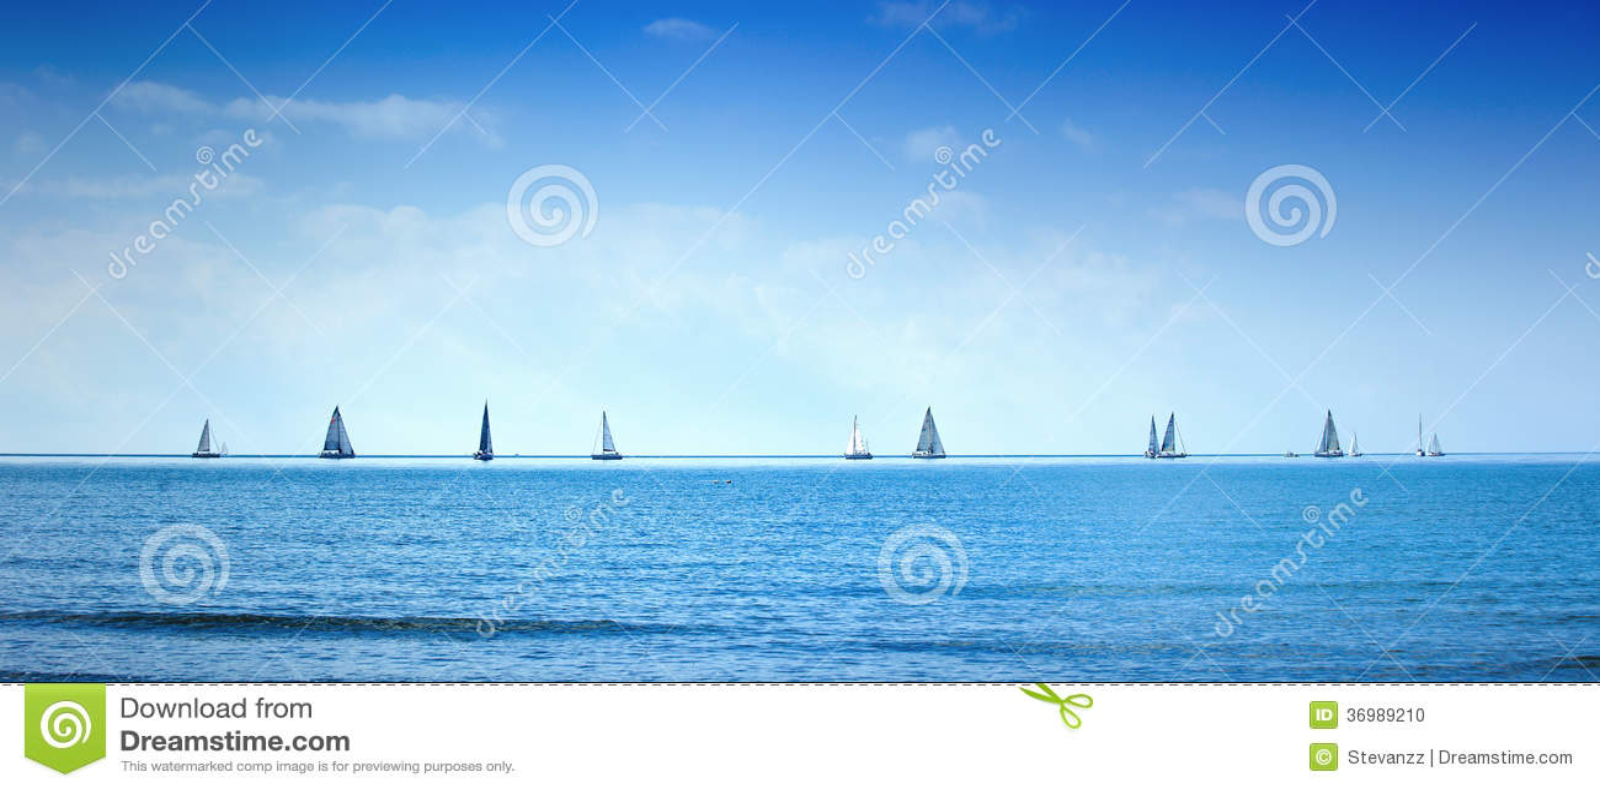 Żeglowanie łodzi jachtu regatta rasa na morza lub oceanu wodzie